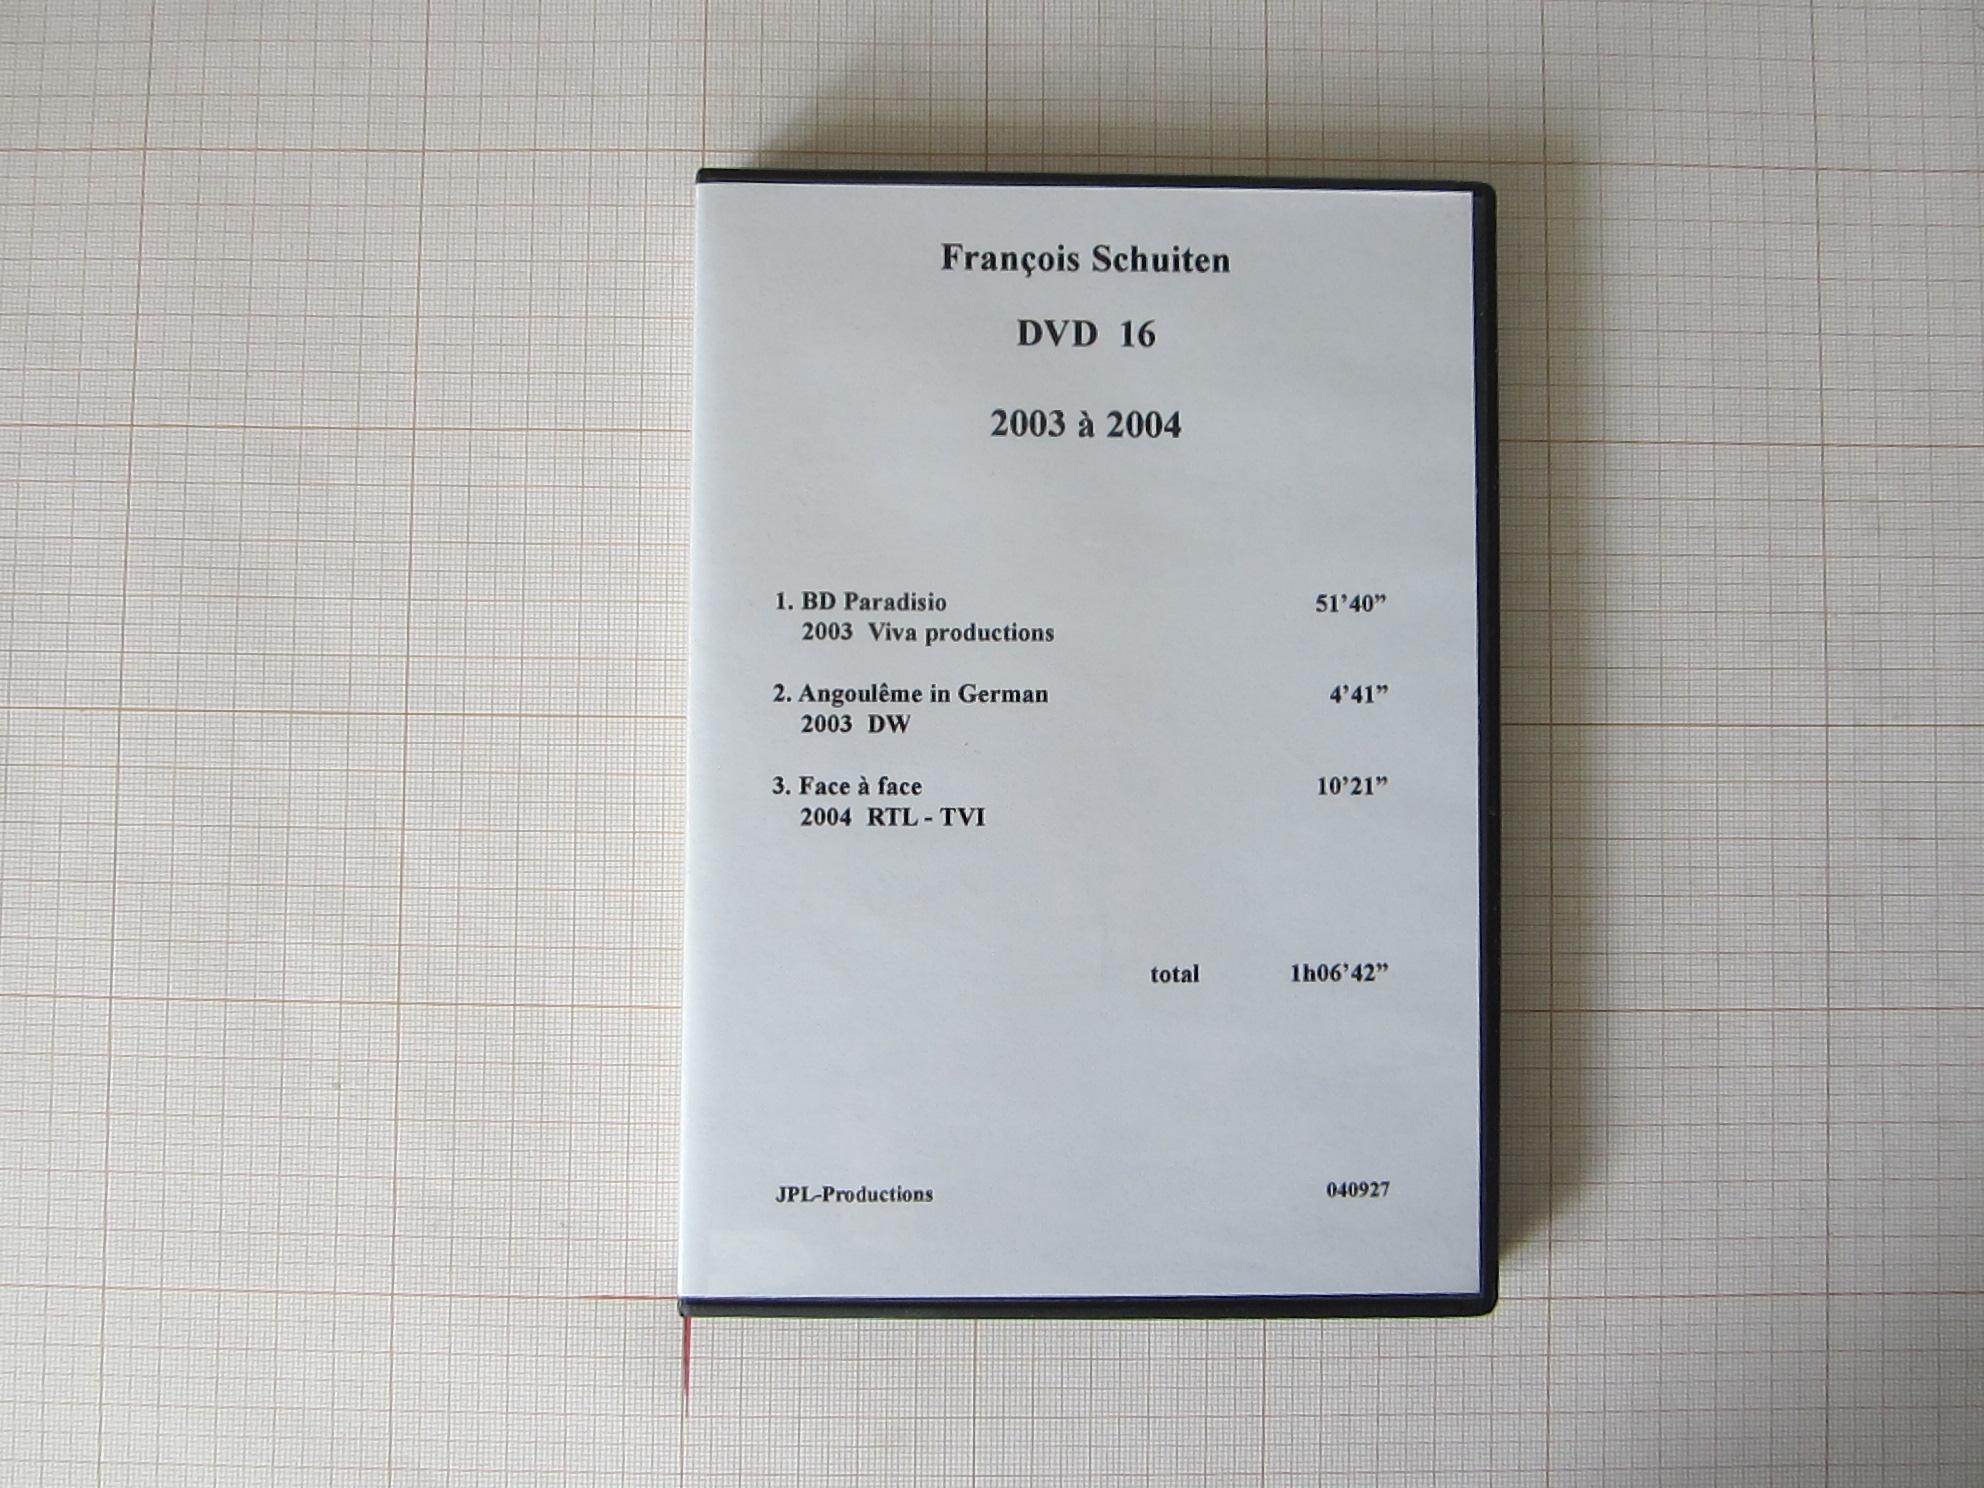 François Schuiten DVD 16+25 1992 à 2004 - JPL Productions© Maison Autrique, 2004